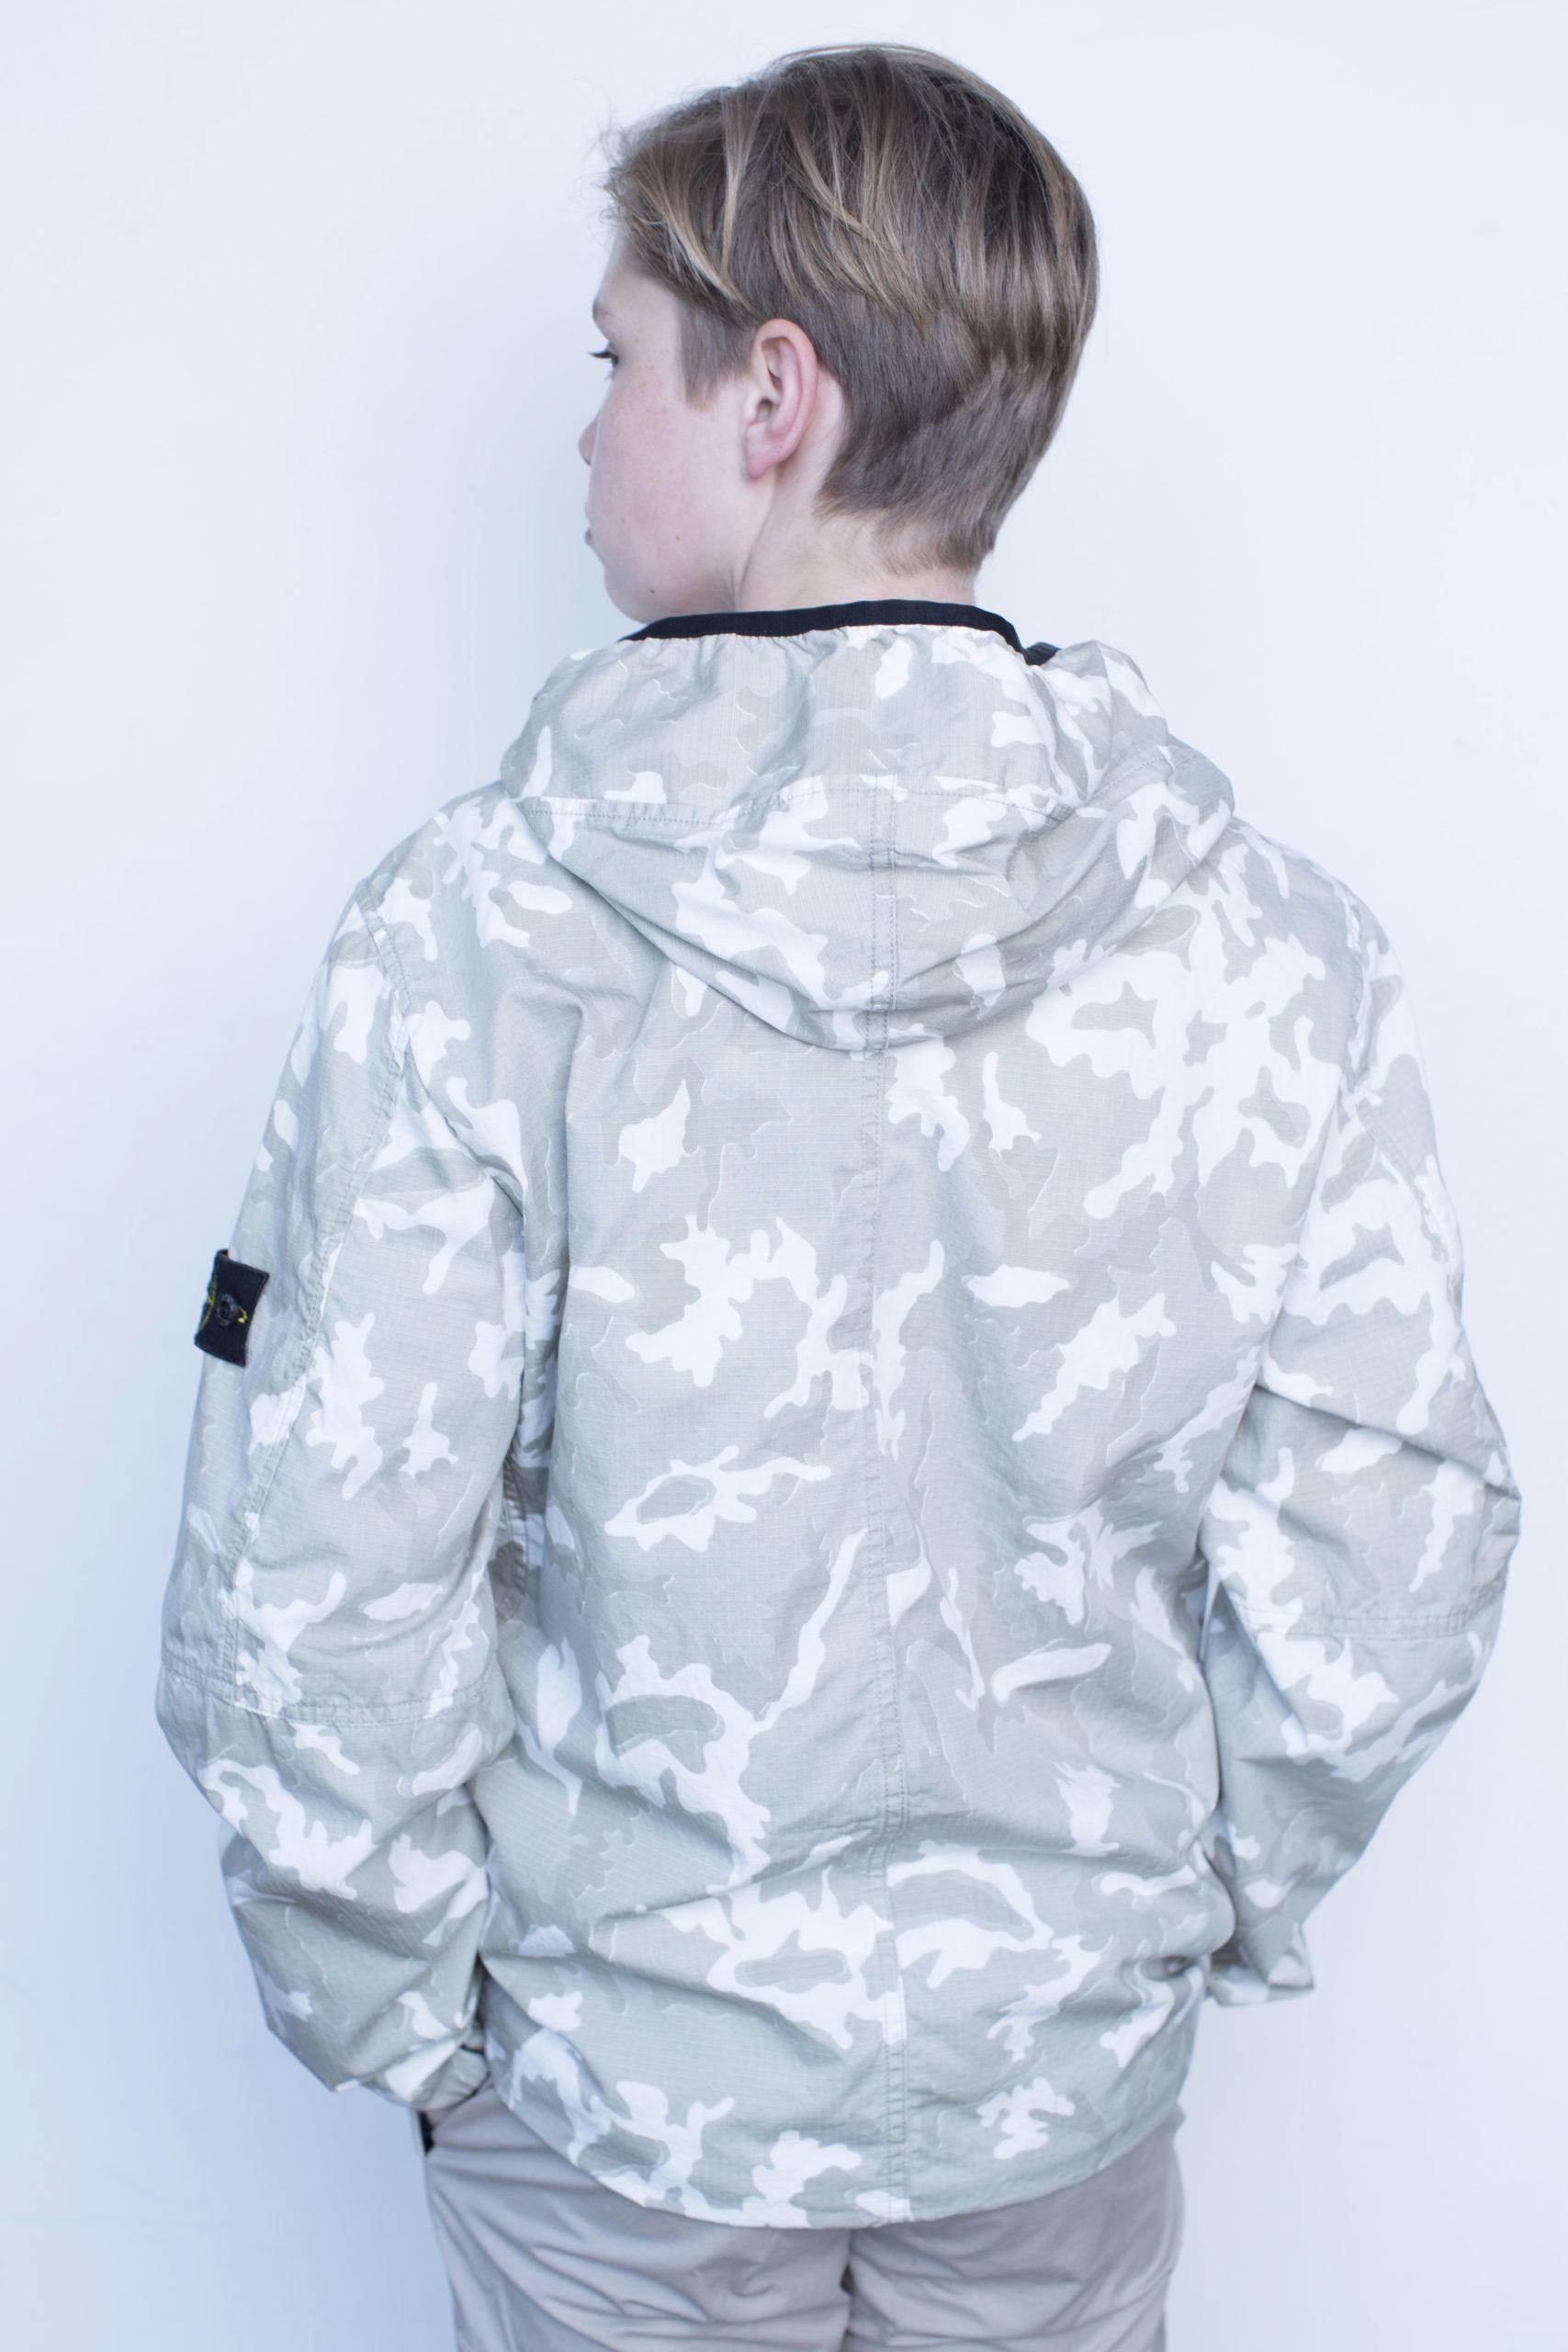 Stone Island army jacket